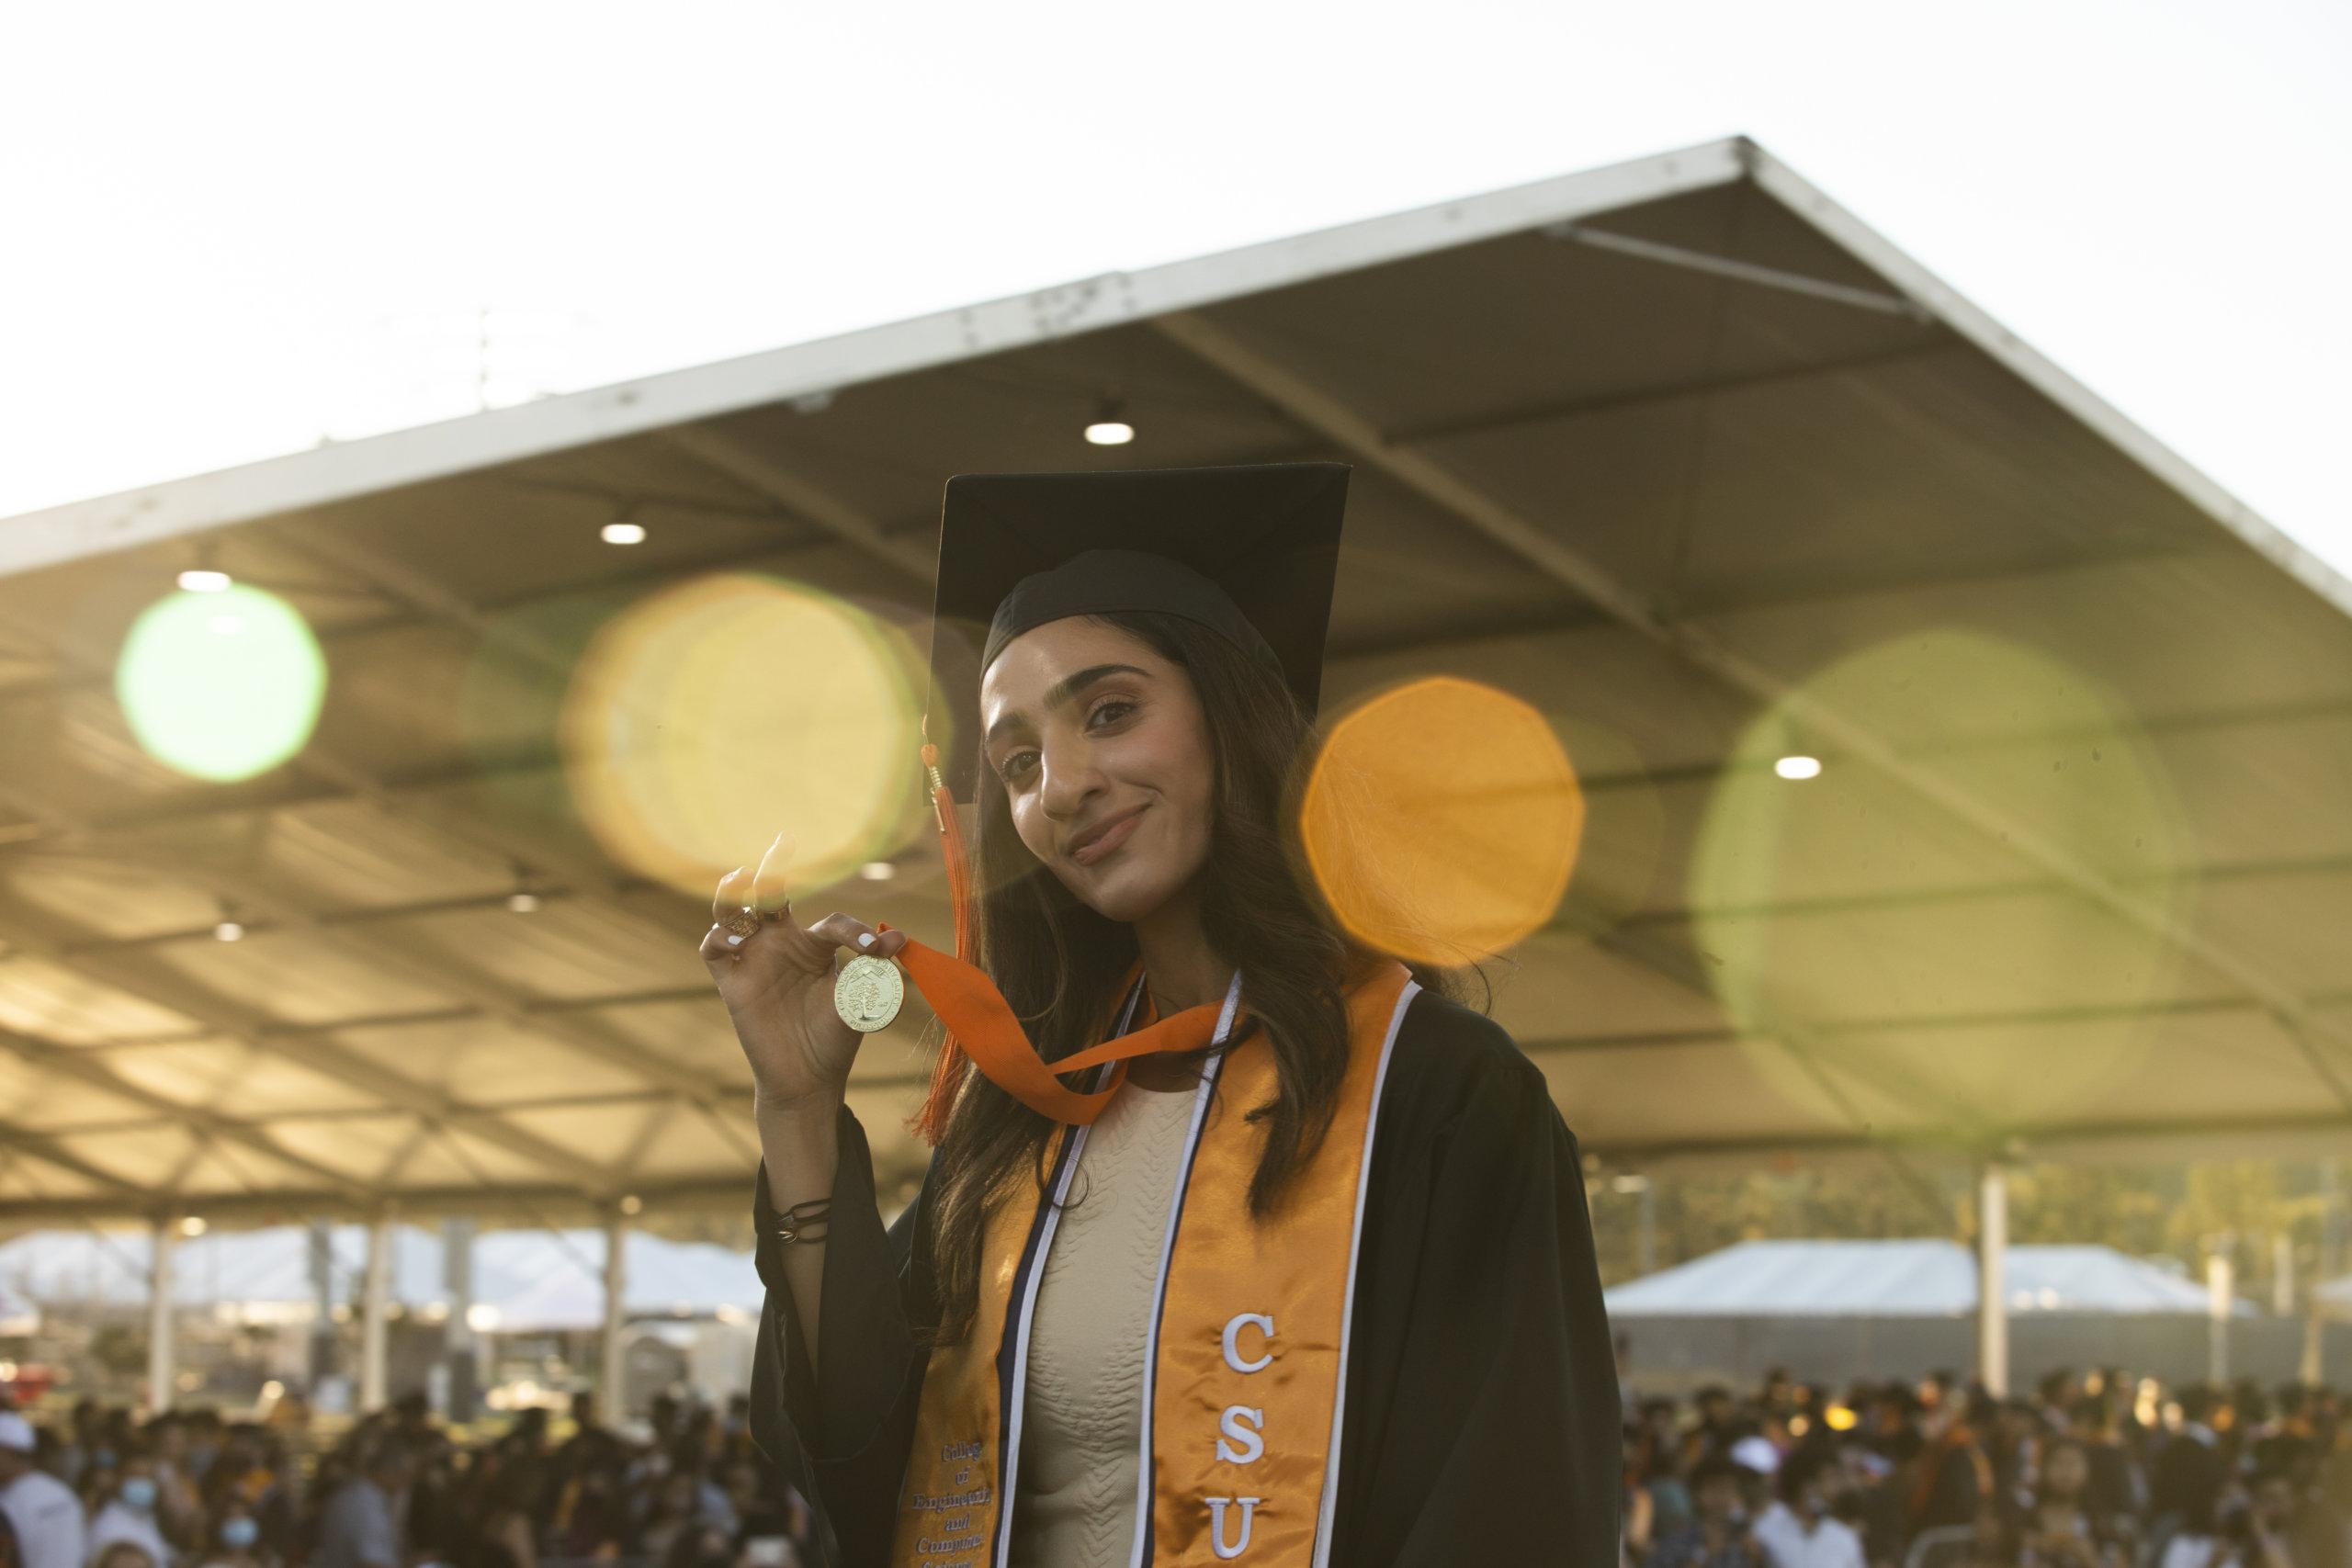 Graduate in regalia